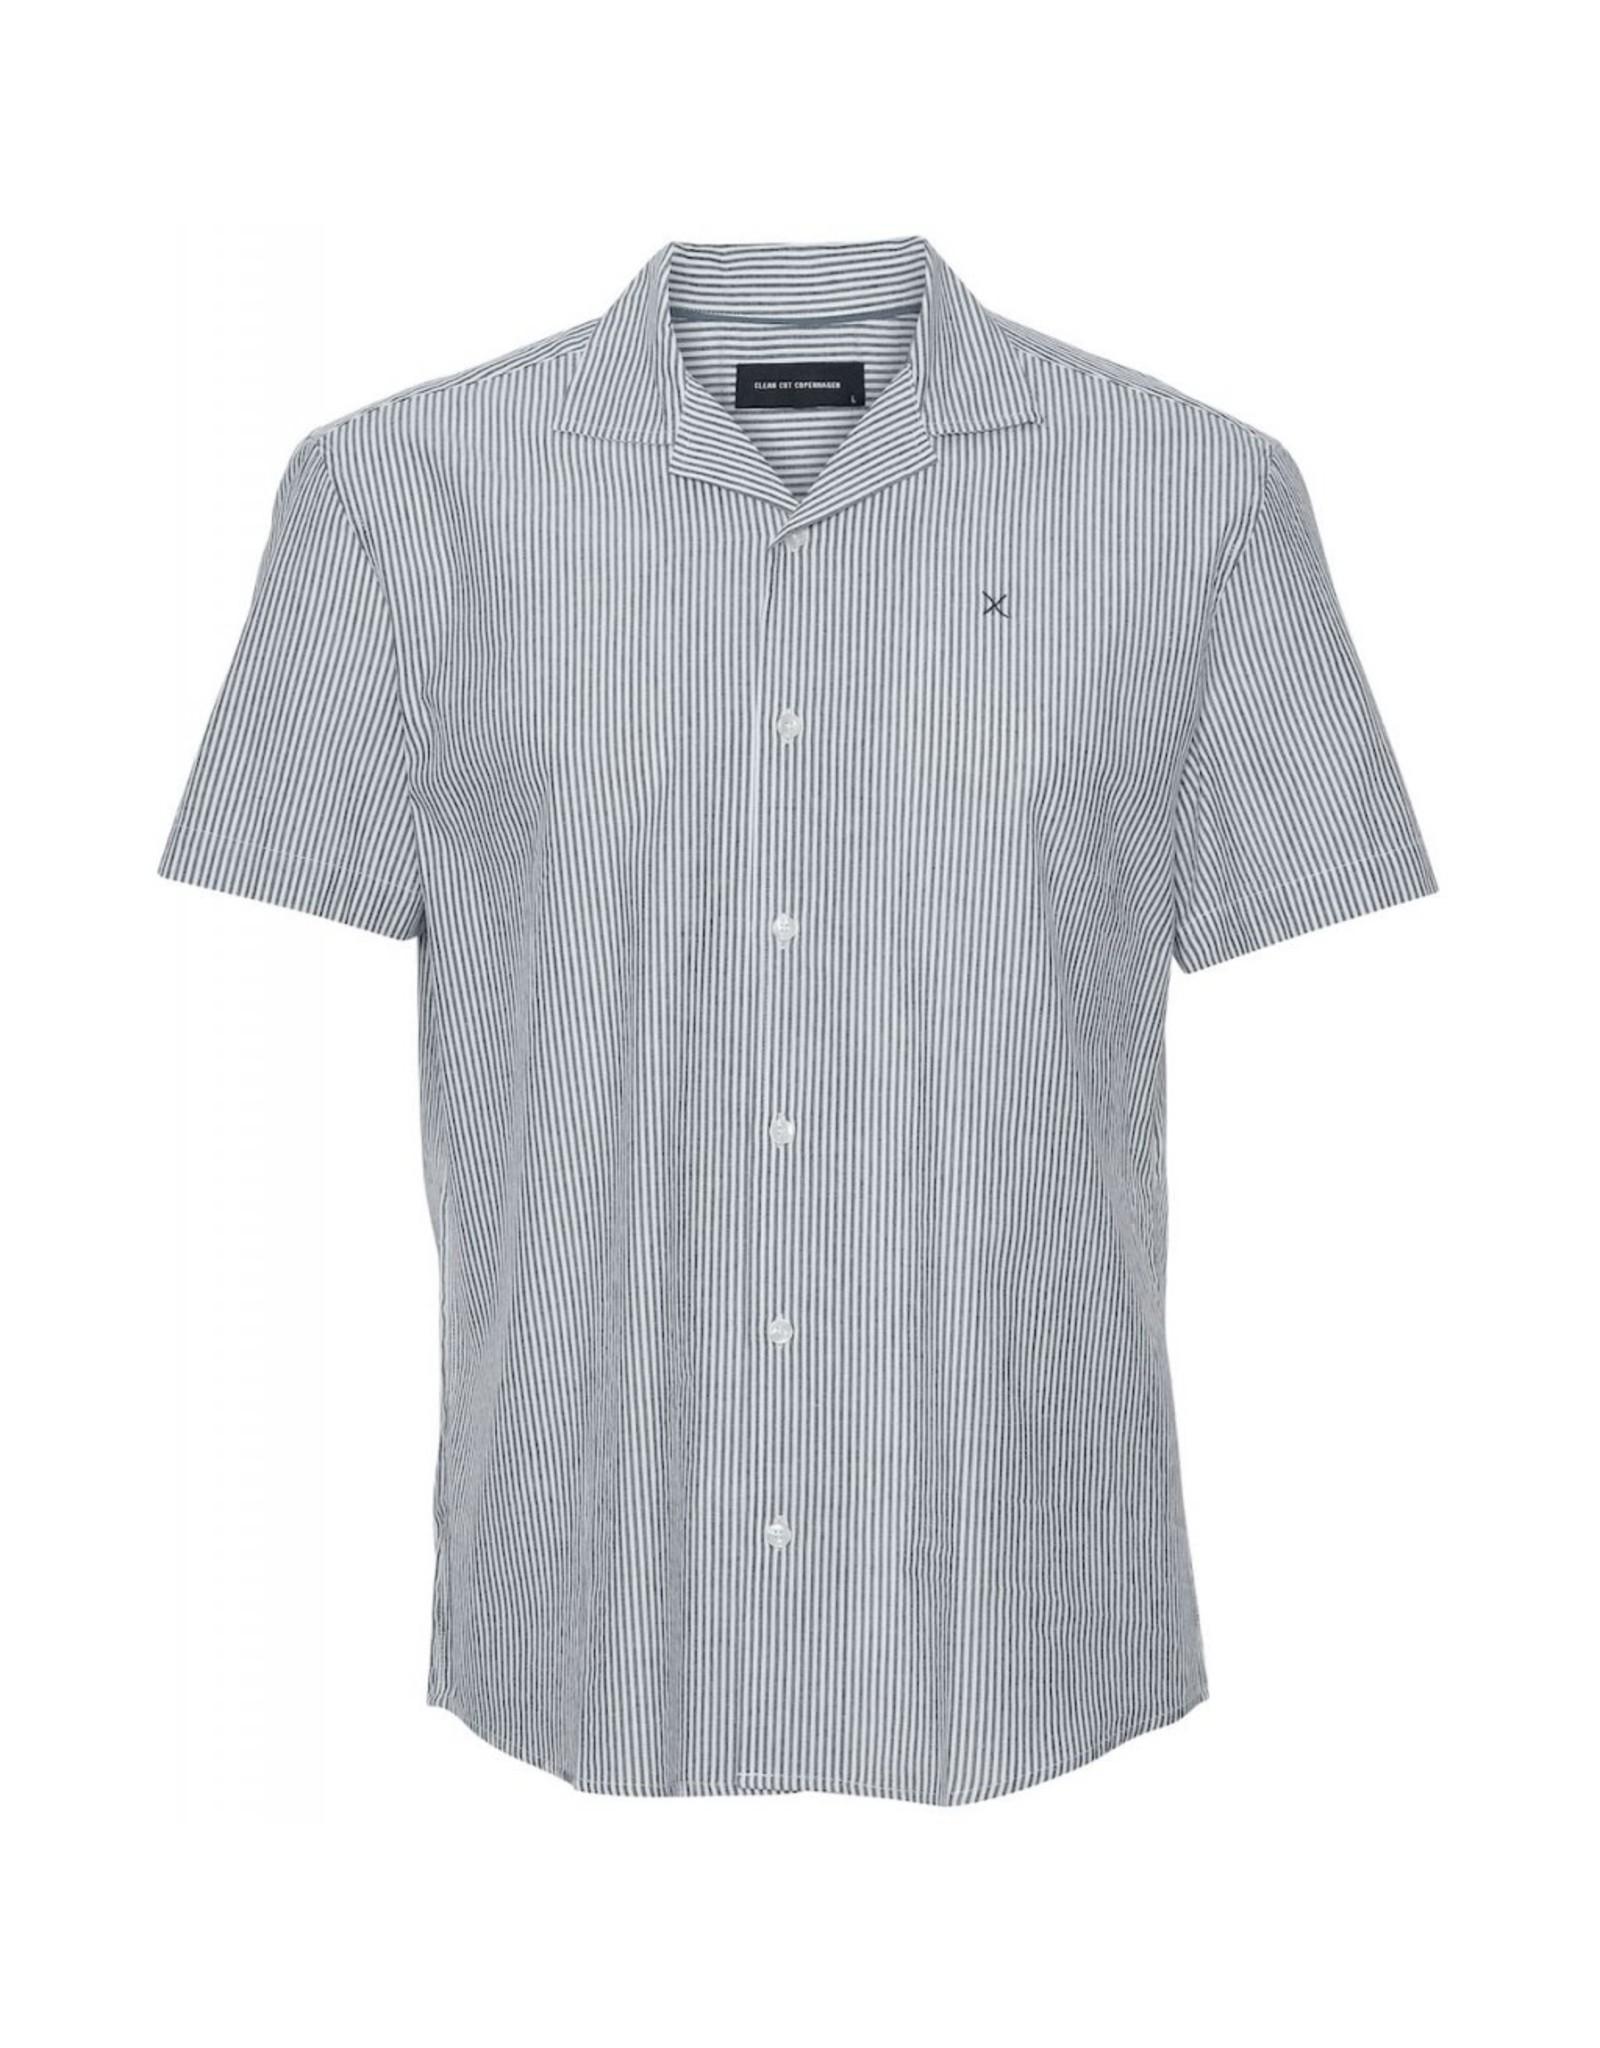 Clean Cut Copenhagen Bowling Otto Short Sleeve Shirt